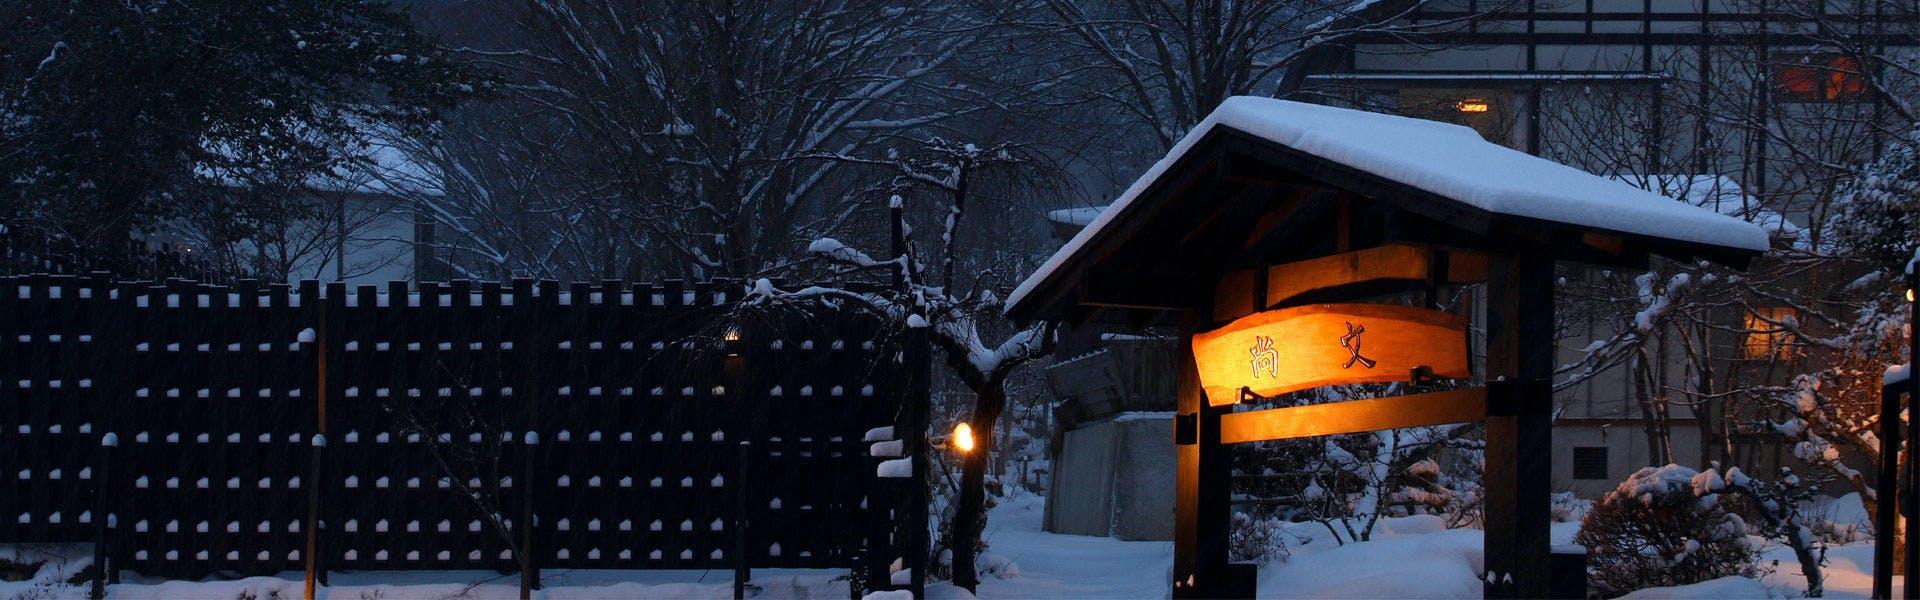 記念日におすすめのホテル・蛍雪の宿 尚文の写真1